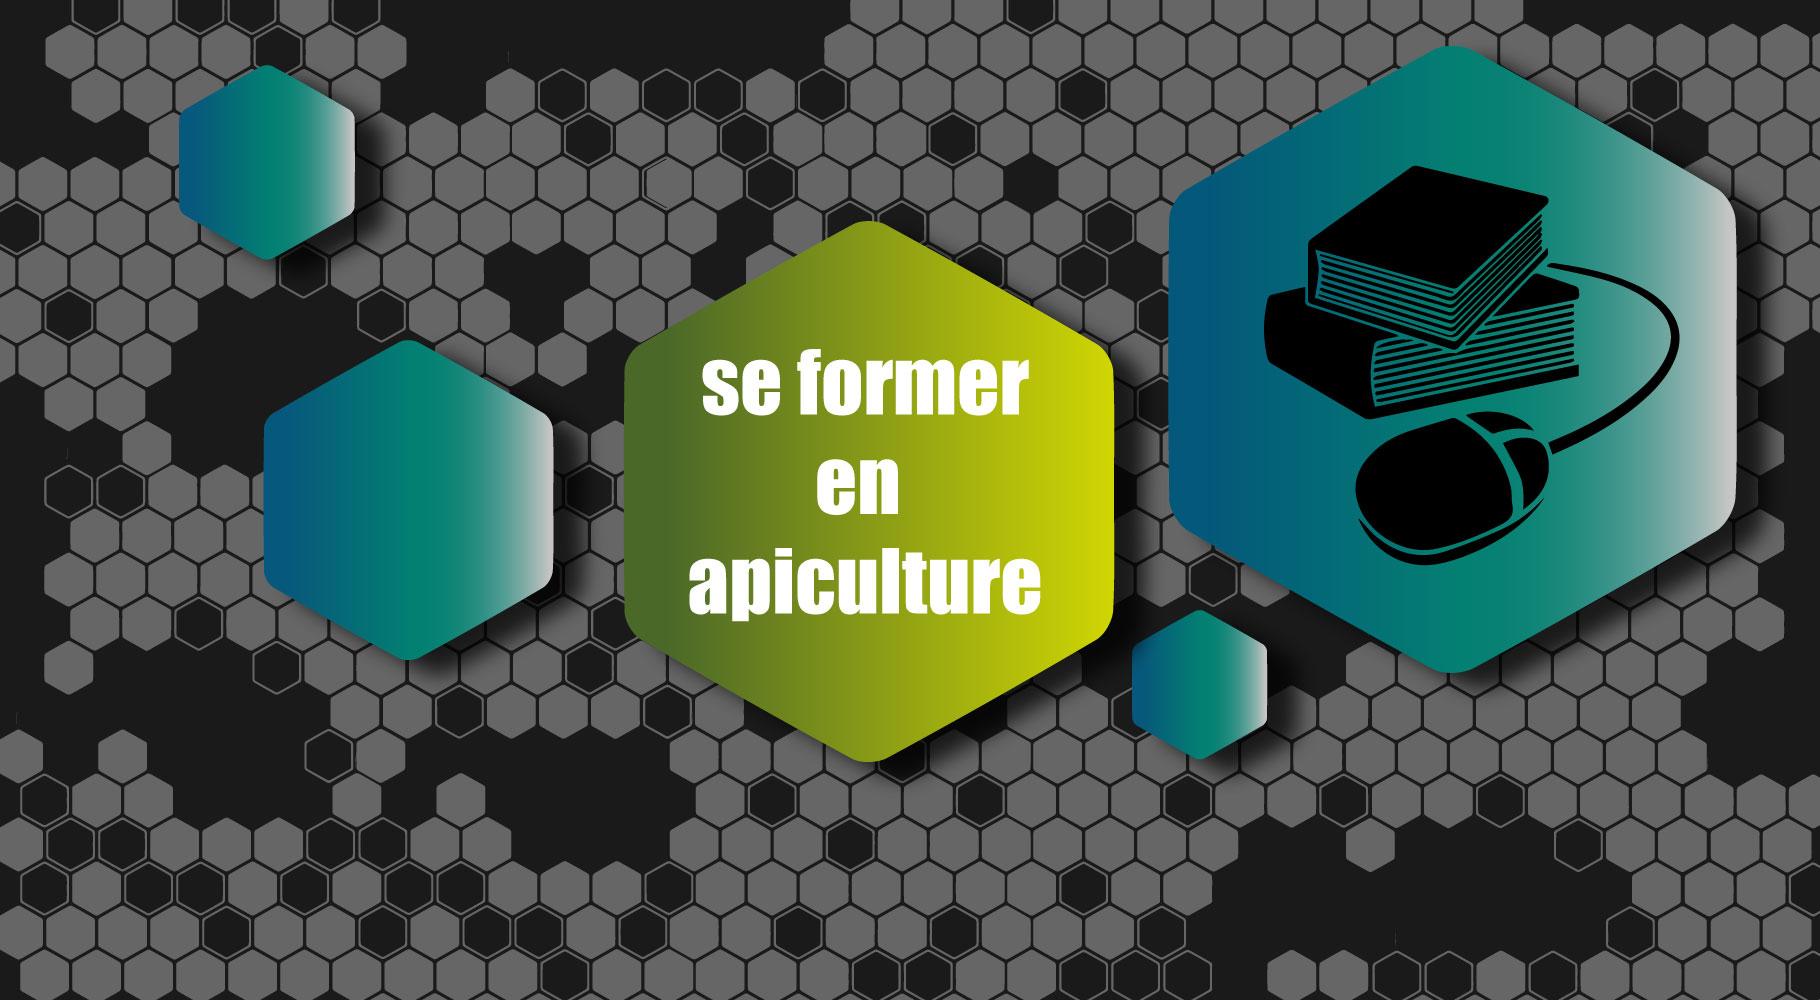 Peut-on apprendre l'apiculture en ligne ?